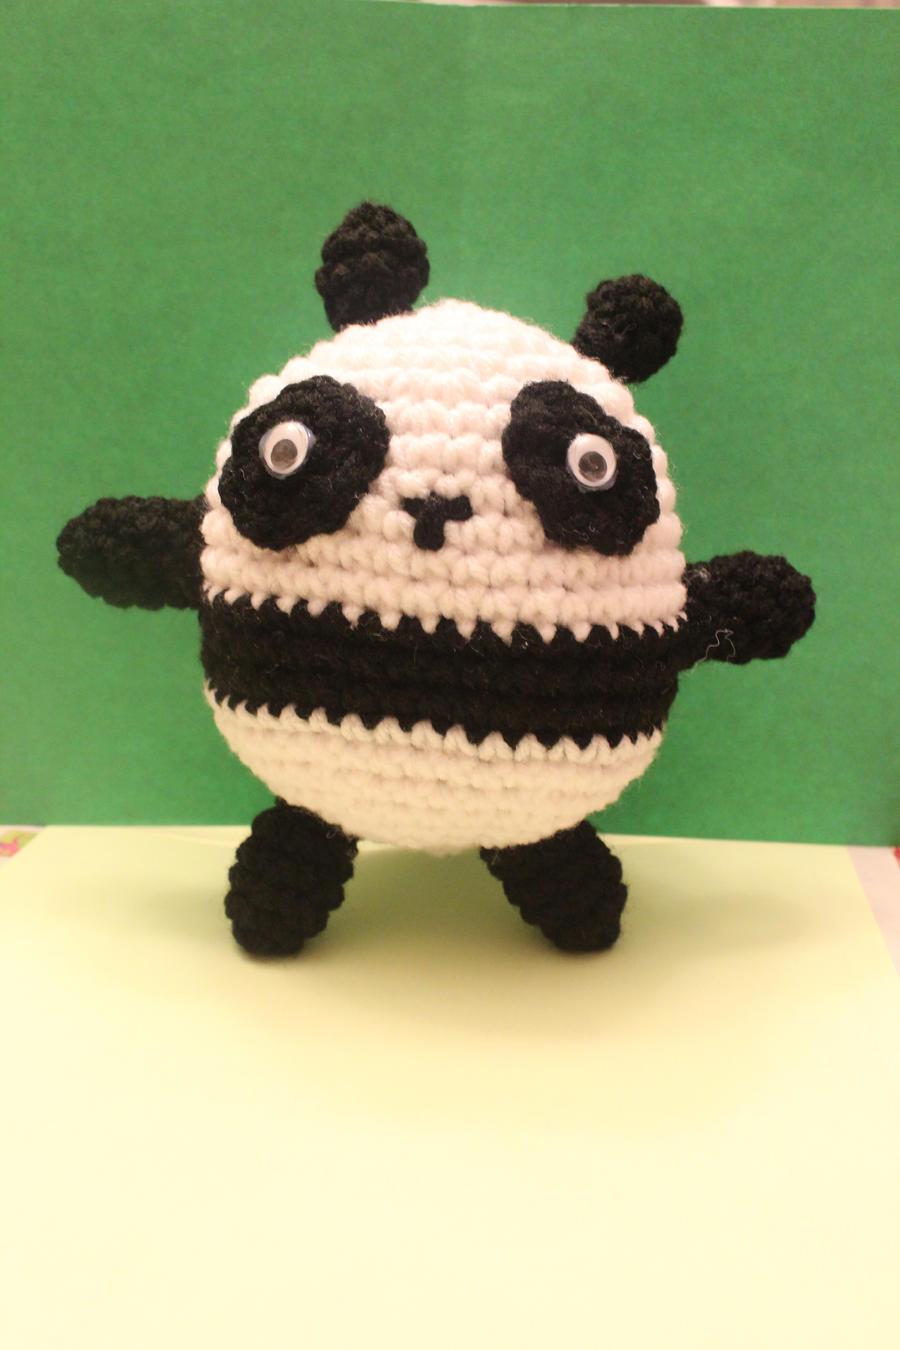 Amigurumi De Panda : Amigurumi Panda by Dbomb252 on DeviantArt